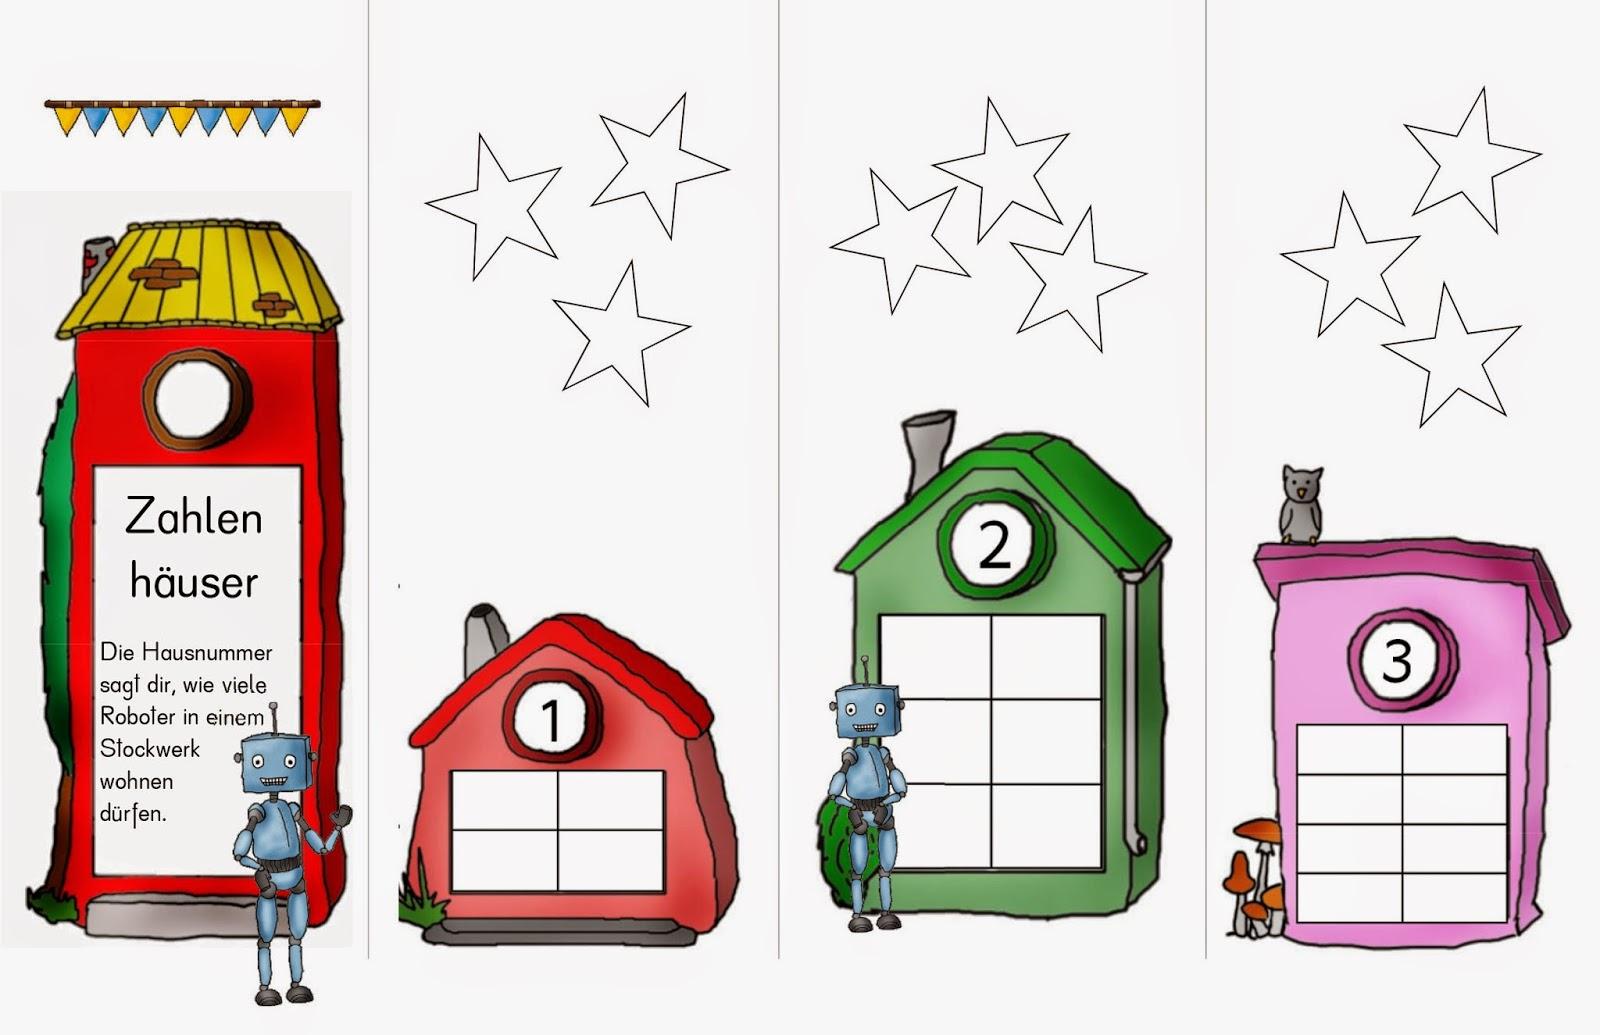 Schulklasse im unterricht clipart  Das verfuchste Klassenzimmer: Zahlenhaus